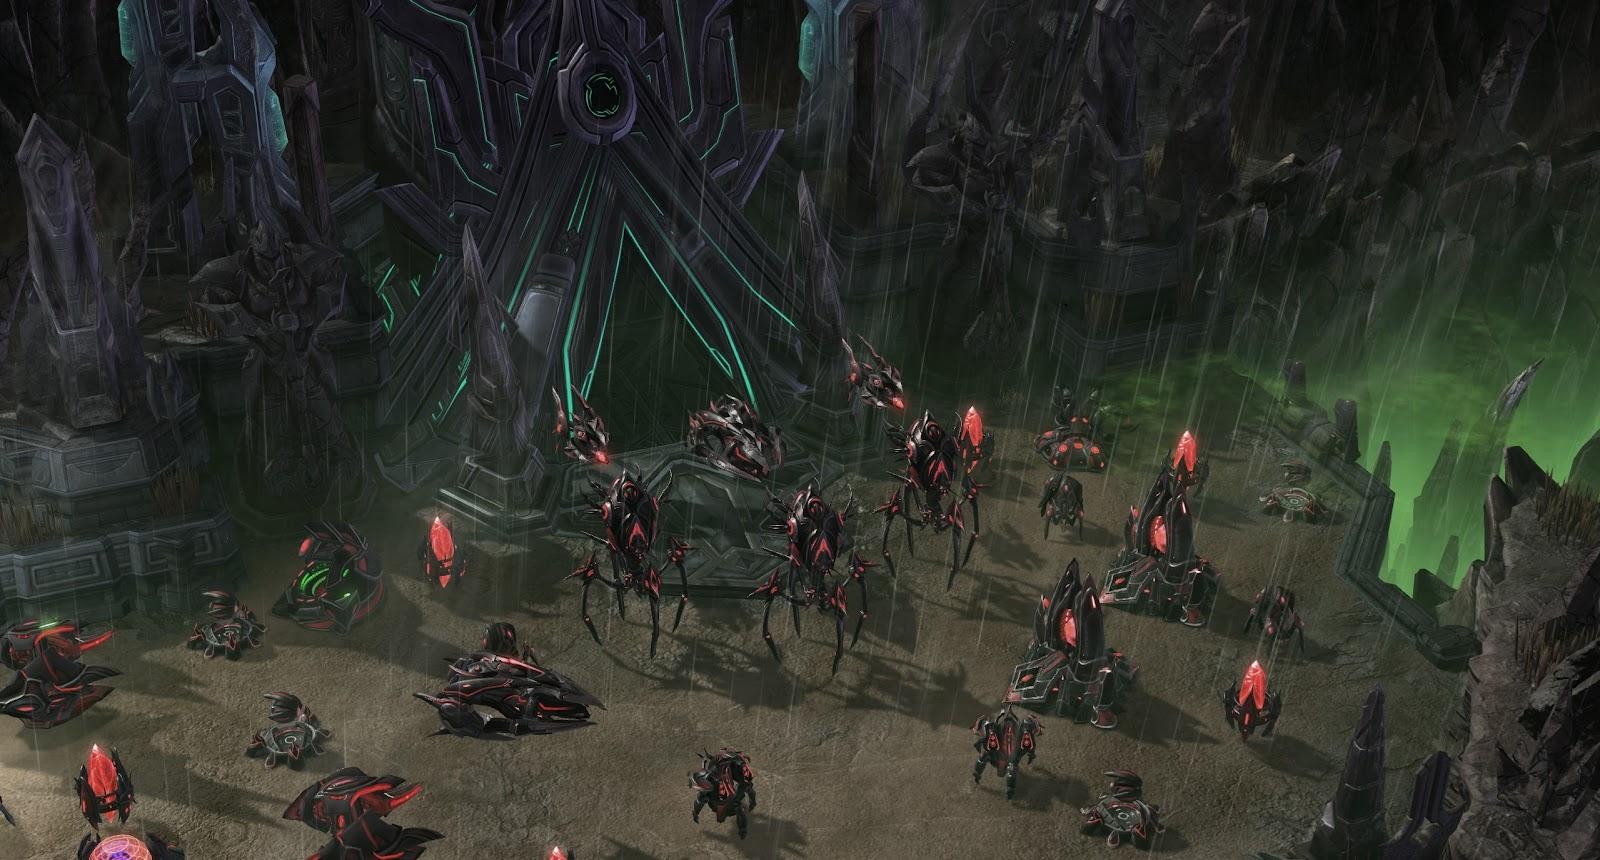 GhostsFog_SC2-LotV_Game1.jpg